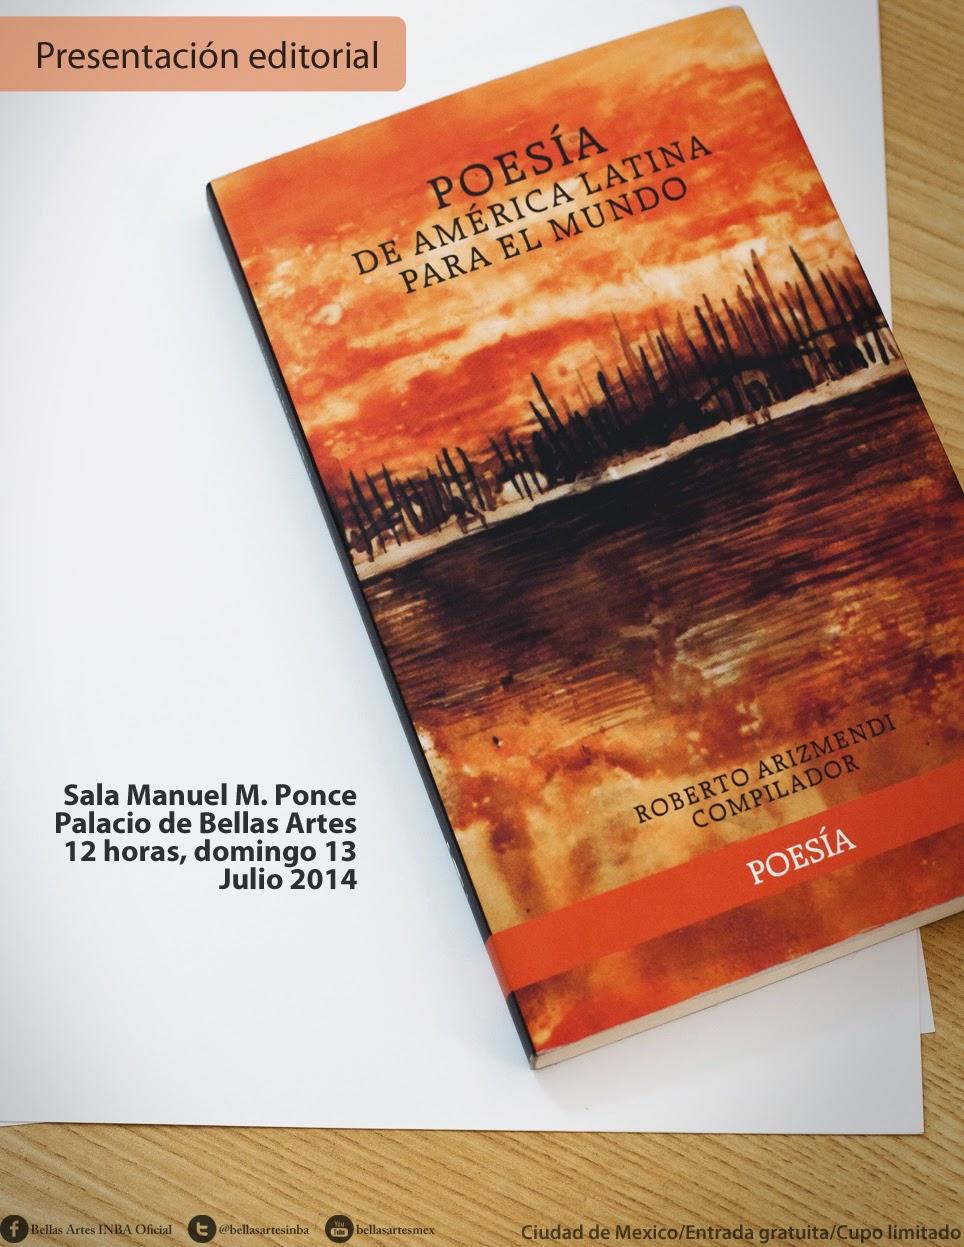 Presentarán compilación de poesía latinoamericana en el Palacio de Bellas Artes